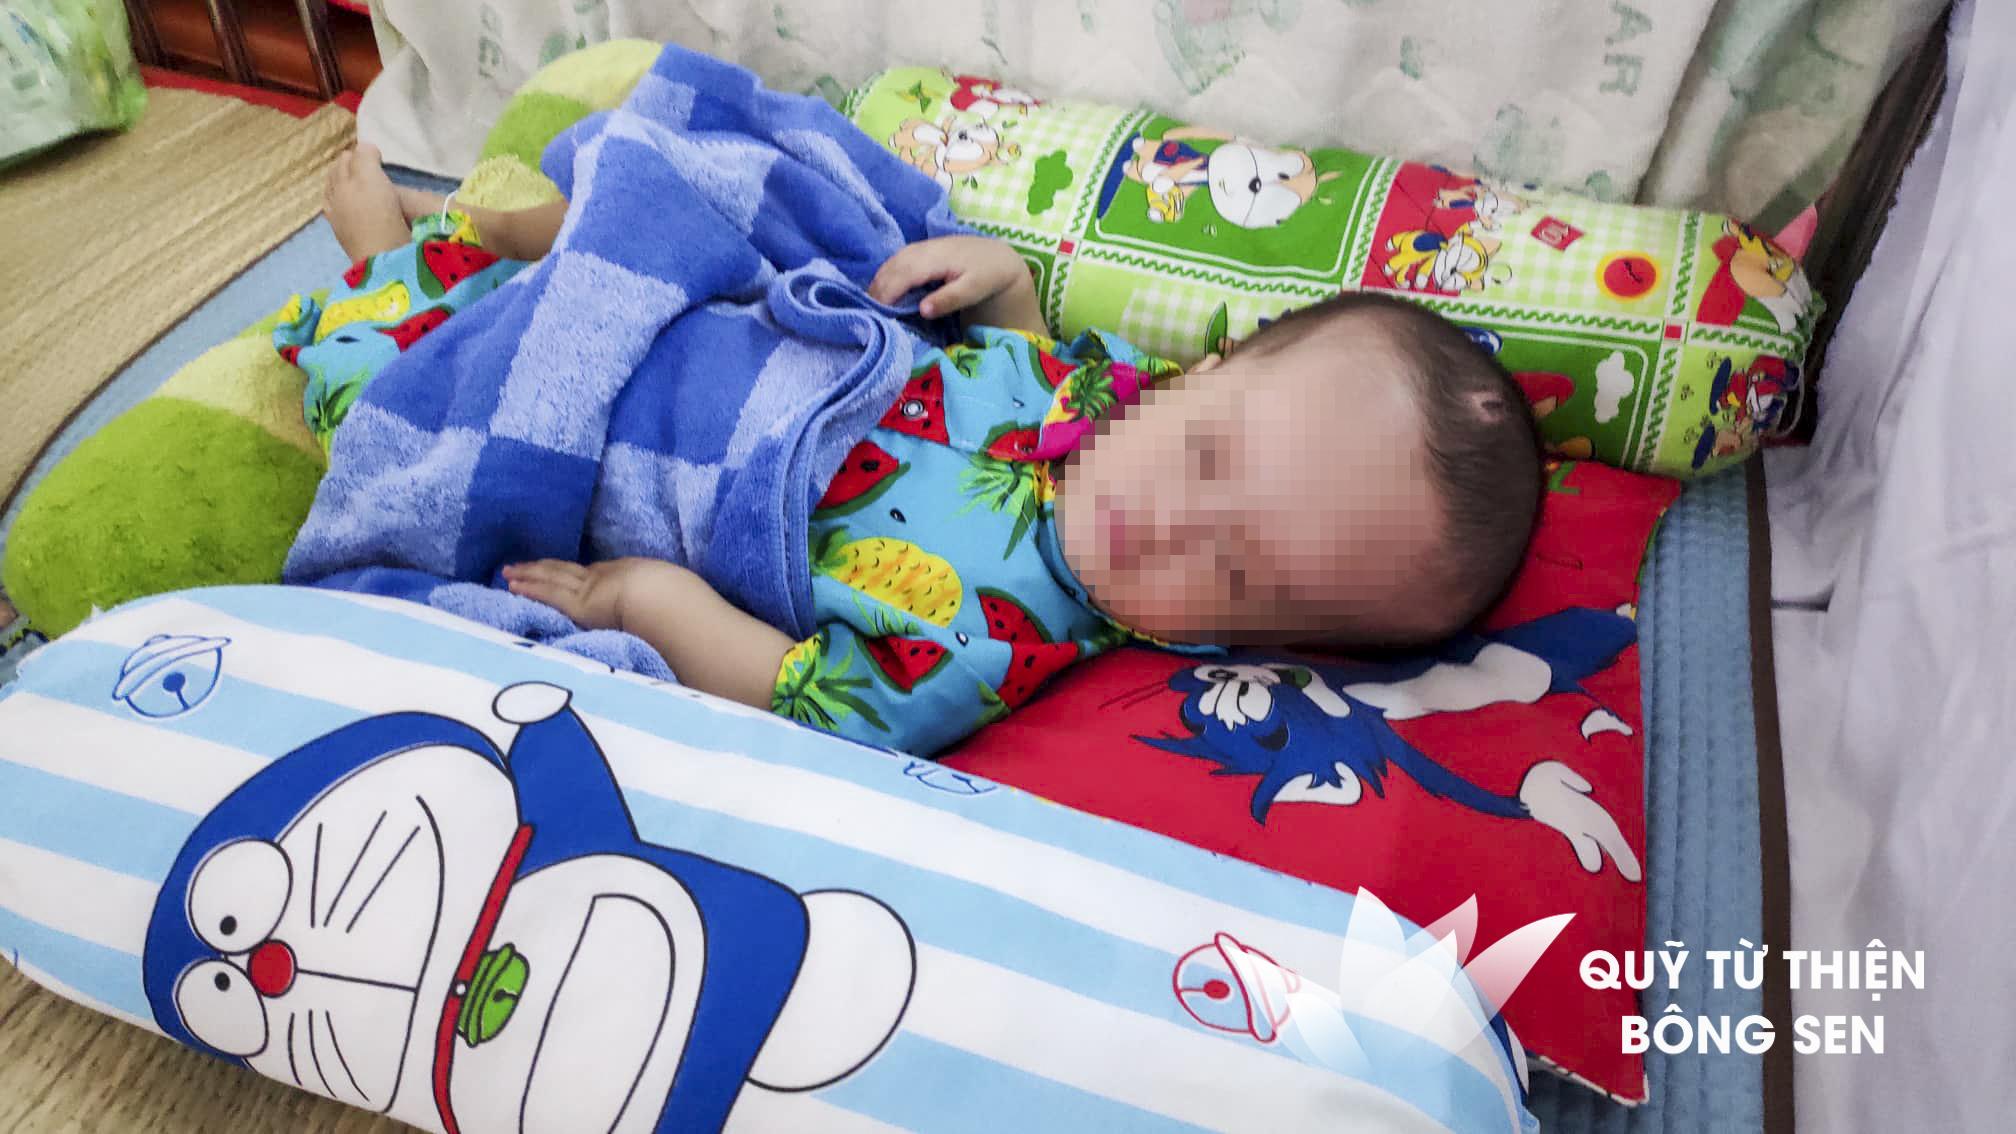 Kỳ 430: Lê Huỳnh Gia Lộc (1 tuổi) quê Cà Mau, Úng thủy não, hỗ trợ 17 triệu đồng ngày 19/08/2019